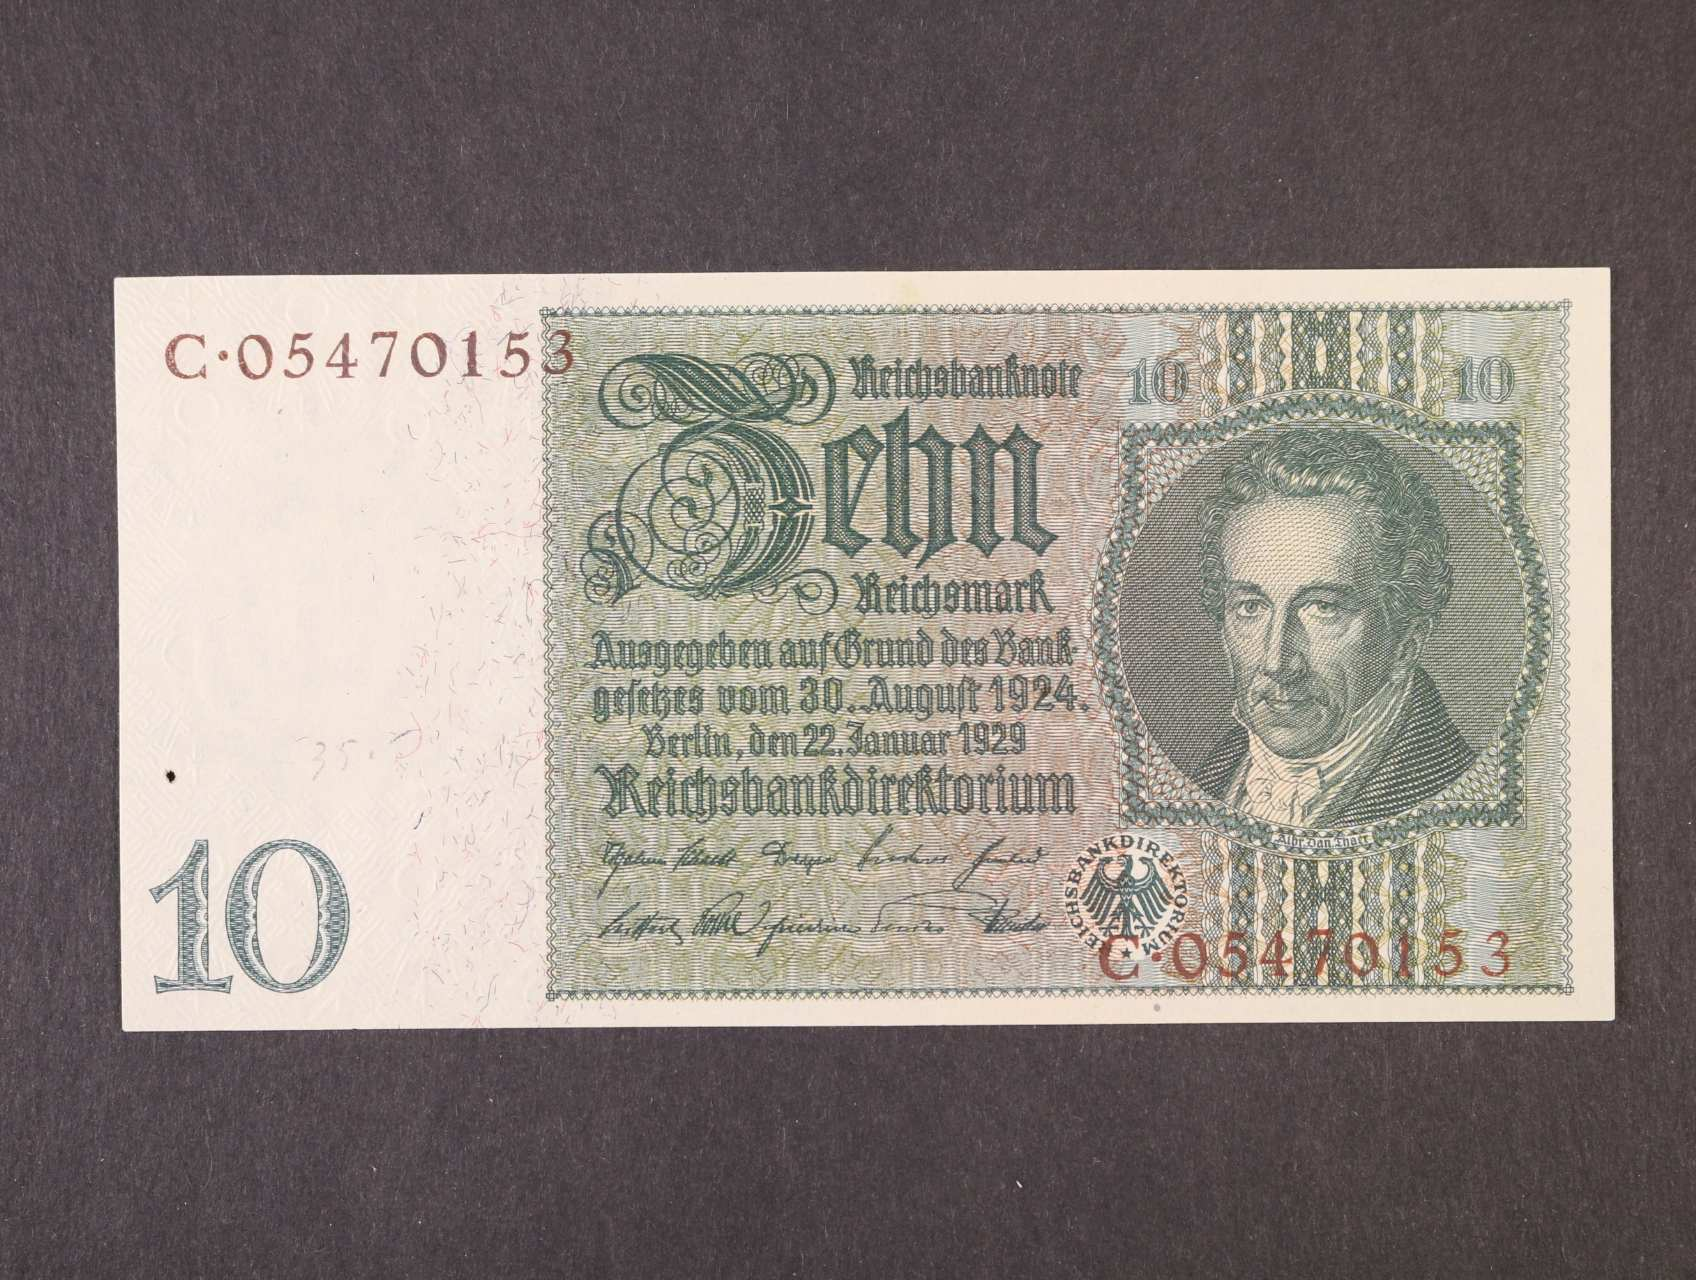 10 RM 22.1.1929 série C válečné vydání, hnědý číslovač, platná na ČS území, Ro. 173c, Ba. D2d,